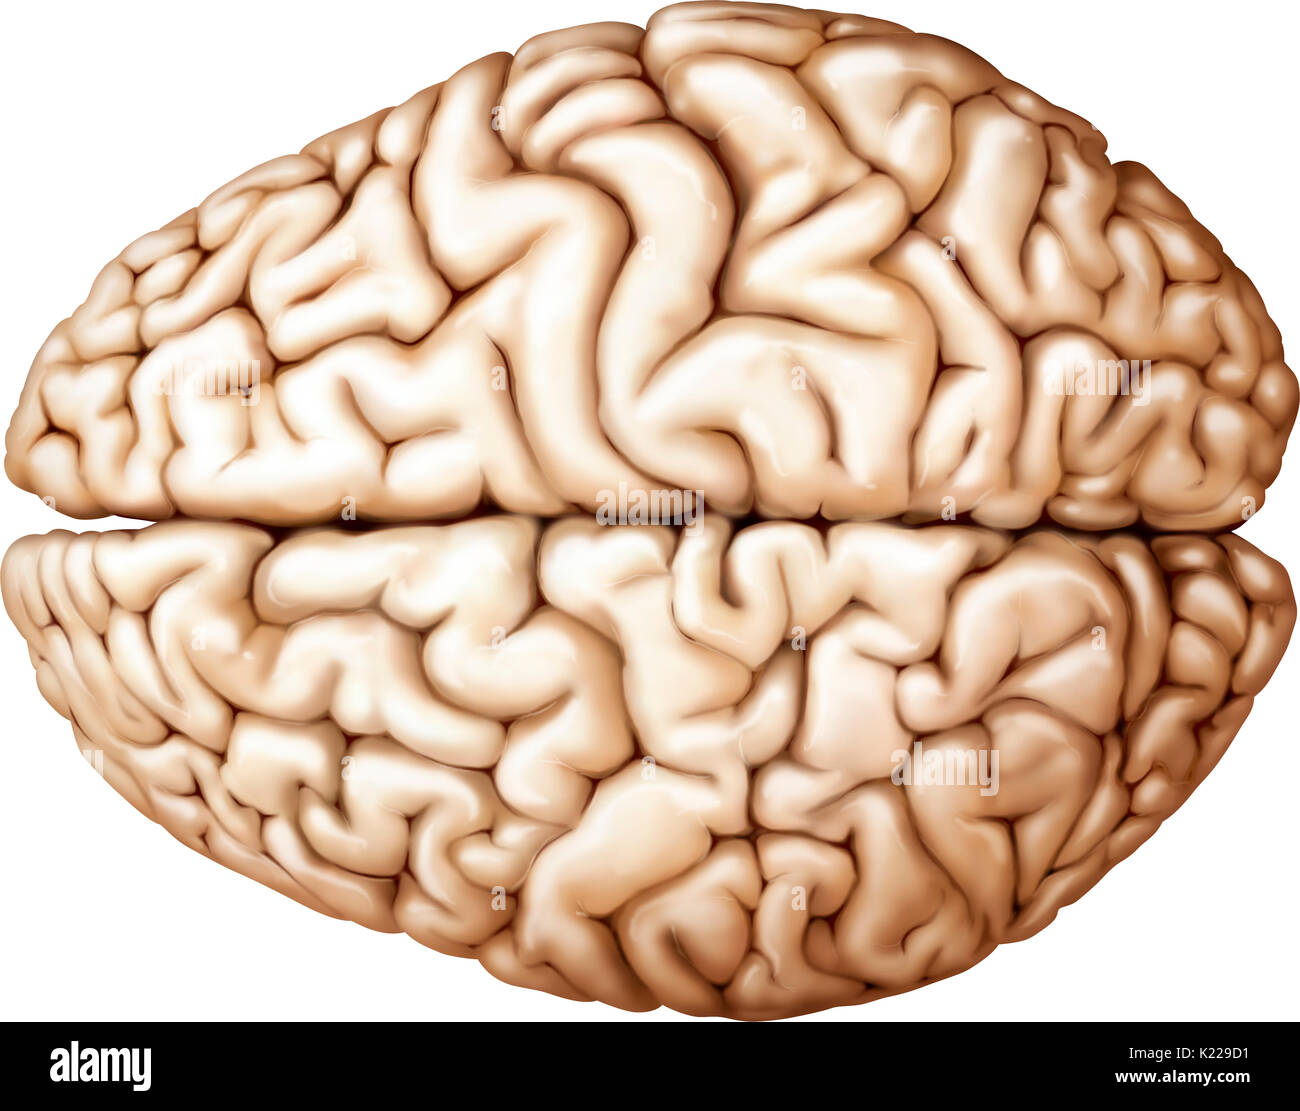 Das Großhirn ist der umfangreichsten und komplexeste Teil des ...